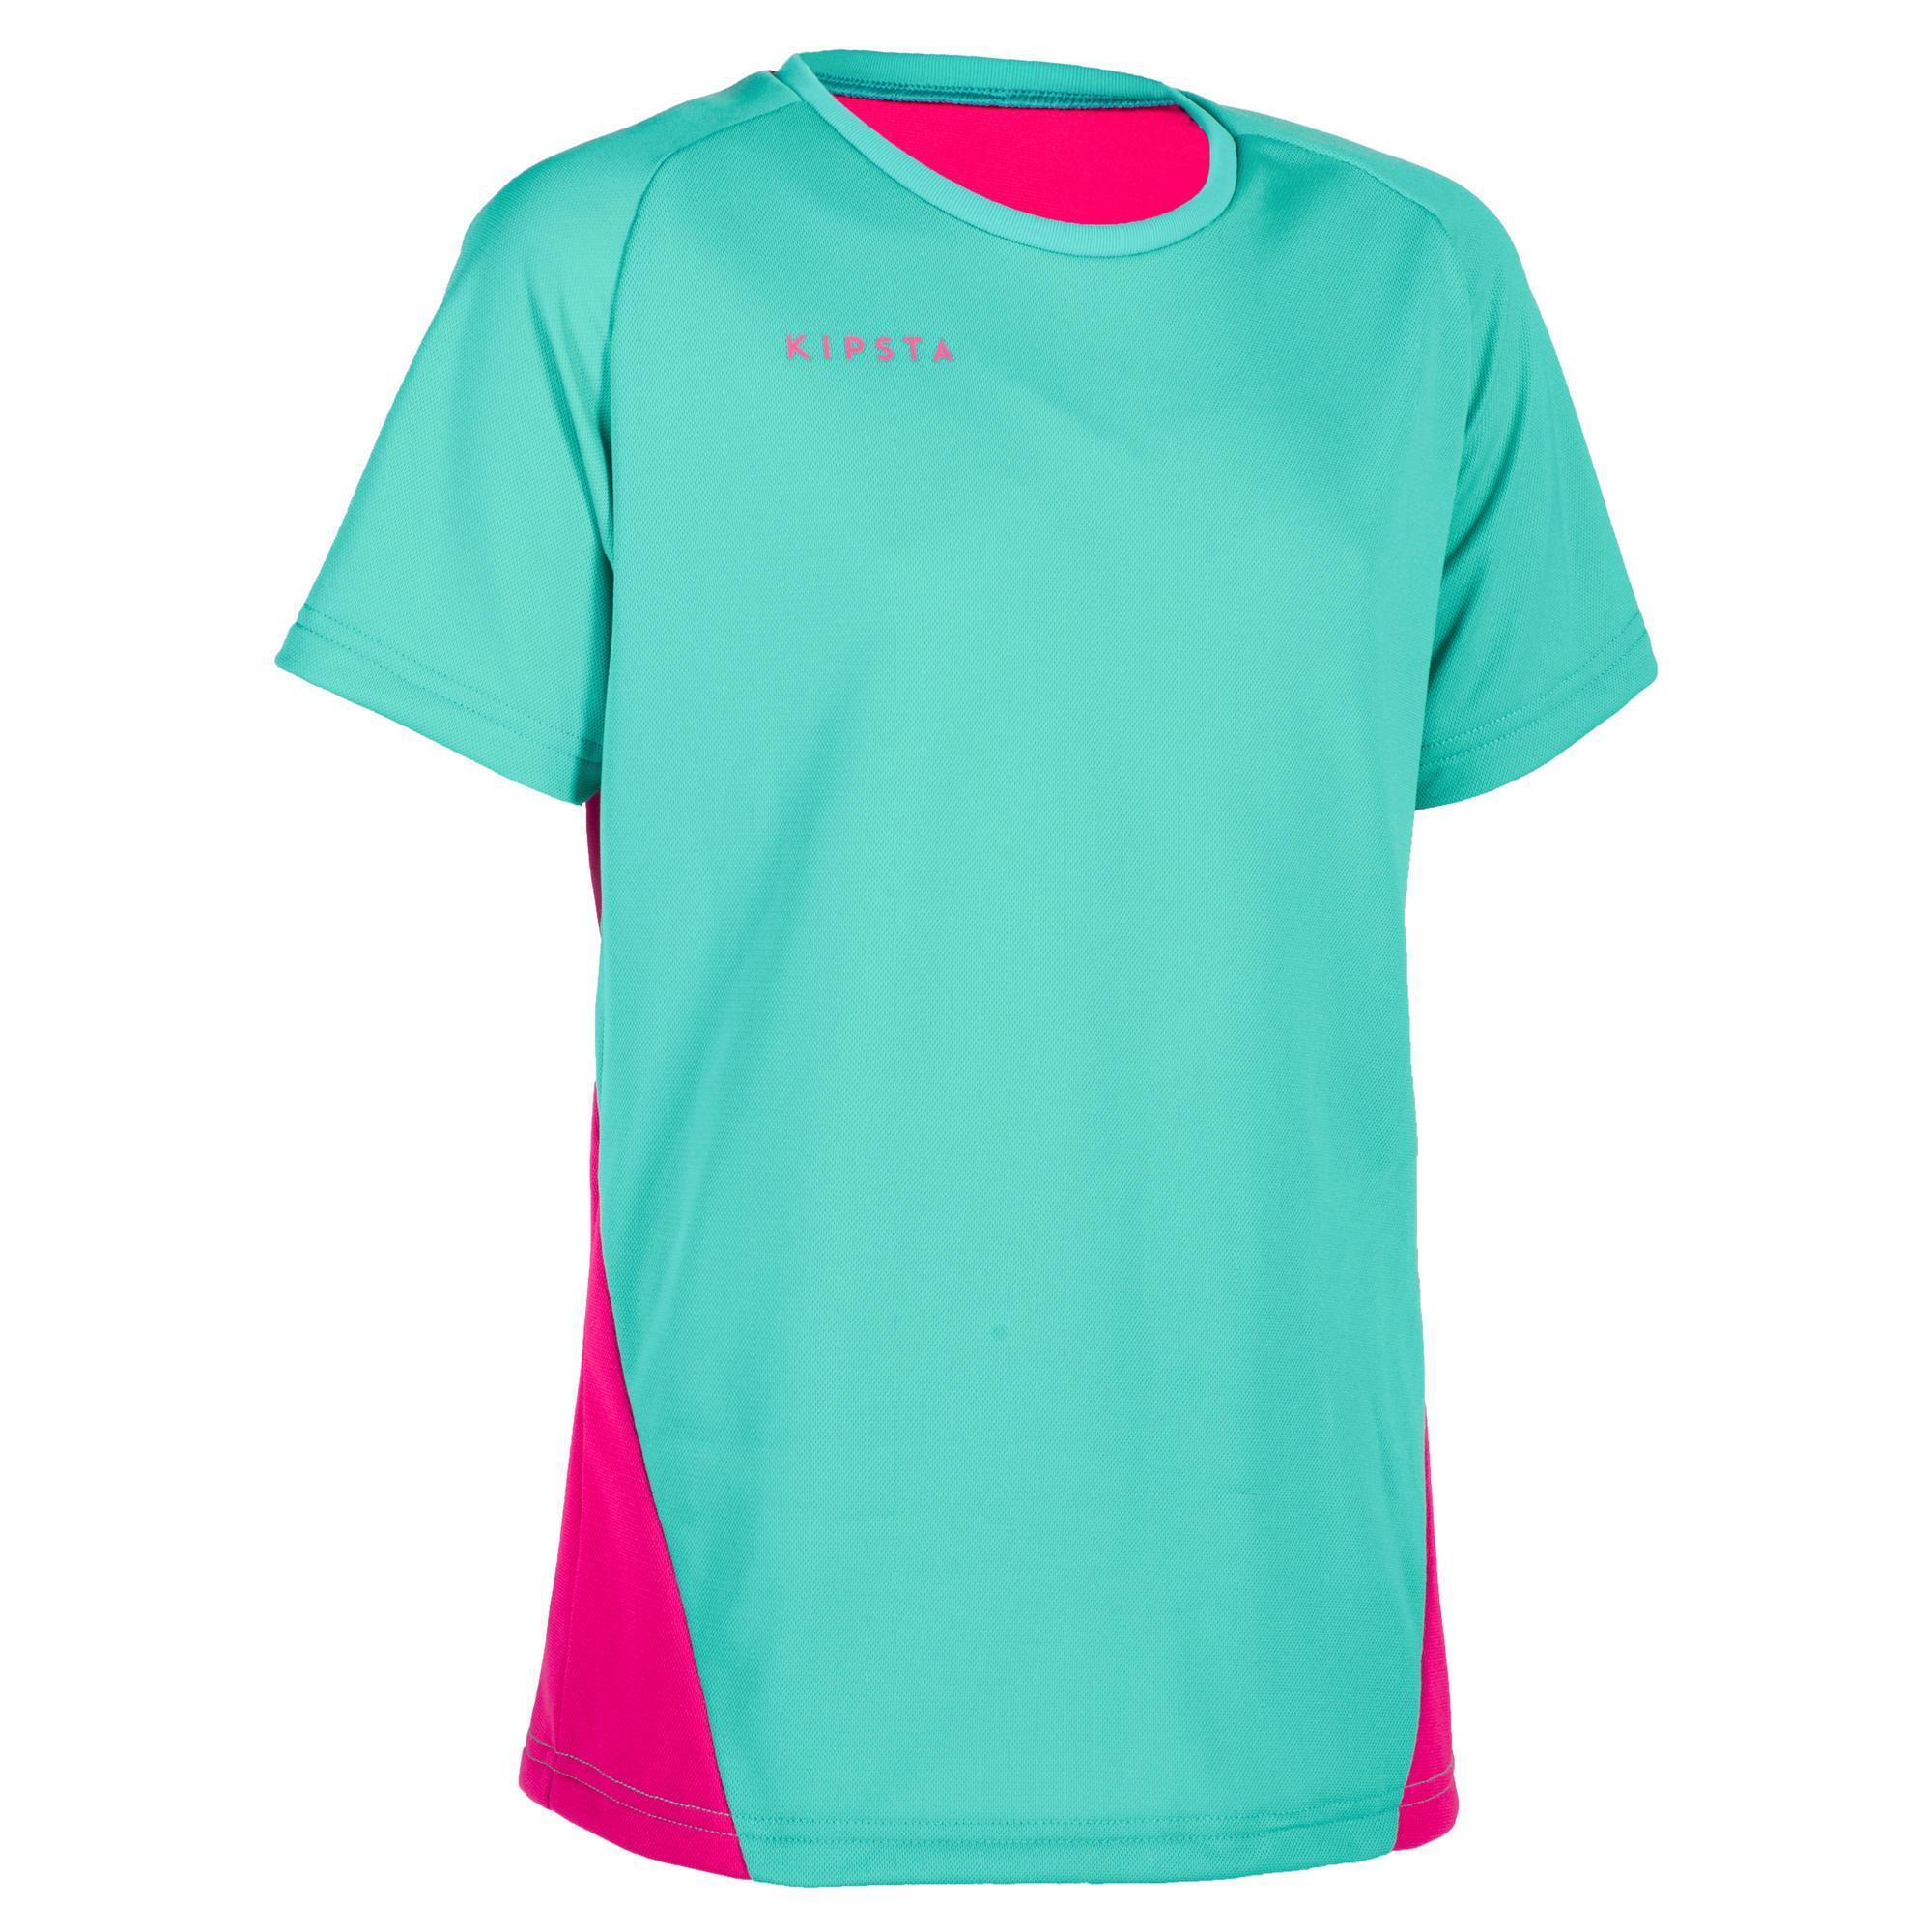 Kinder Volleyballtrikot V100 Kinder türkis pink   03583788170266